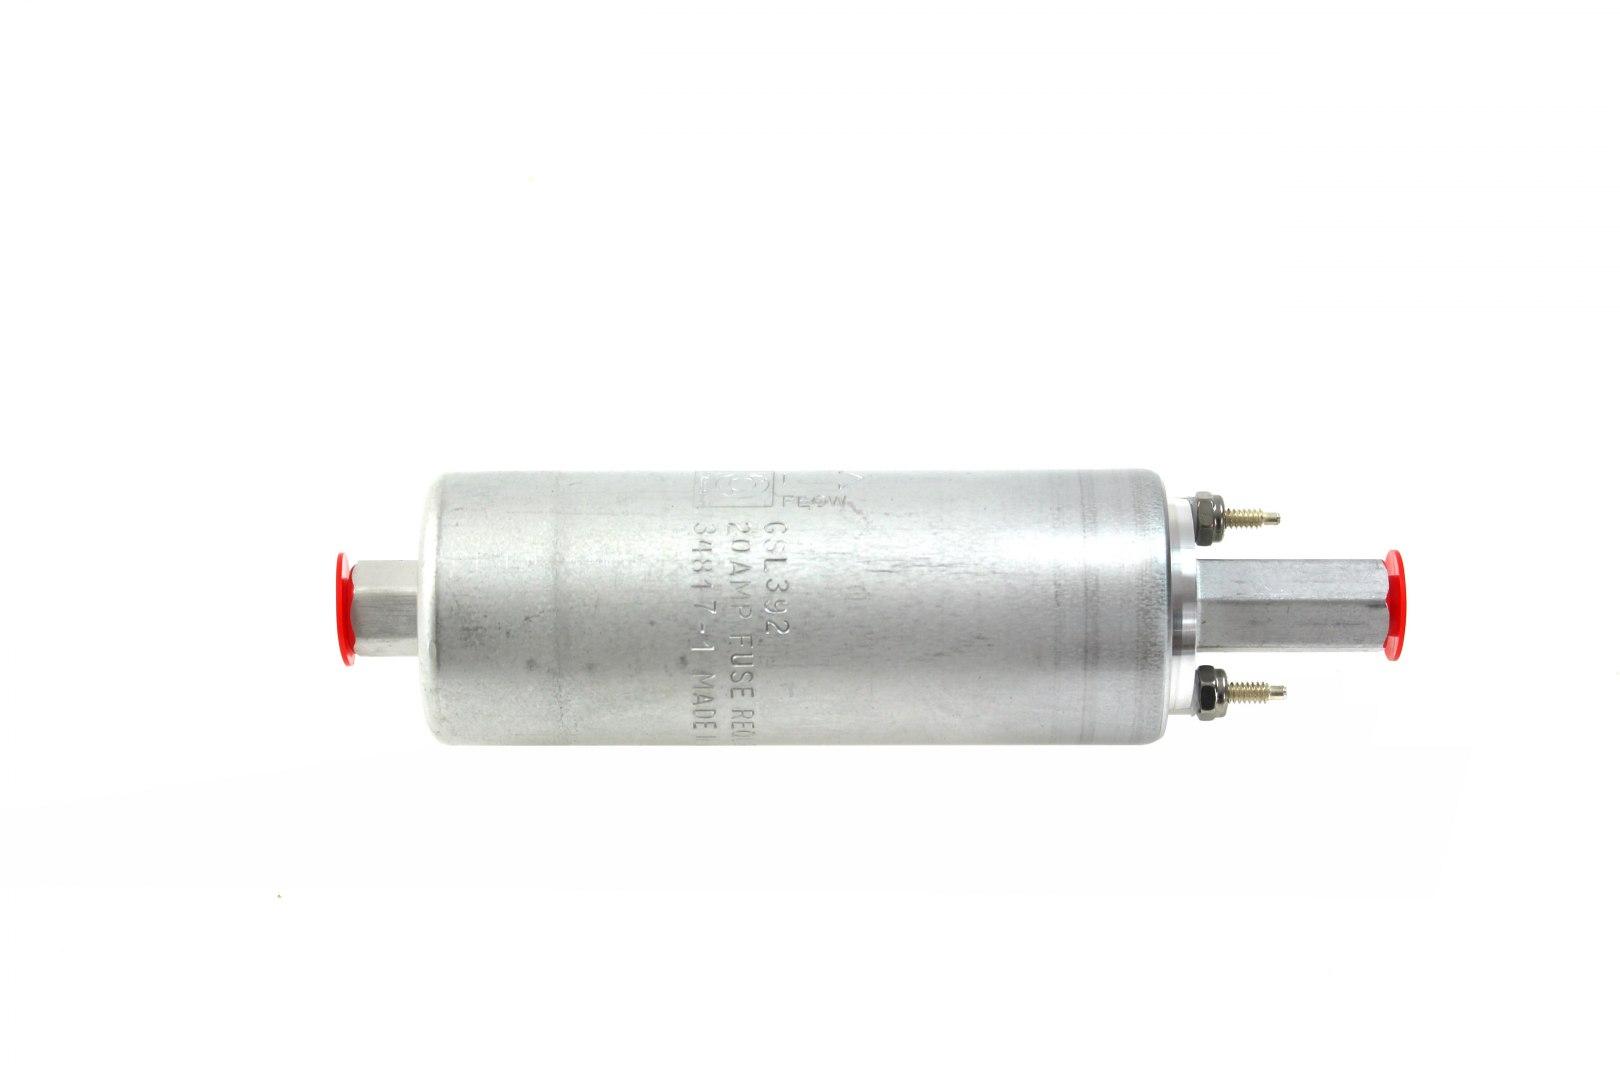 Pompa Paliwa Walbro Zewnętrzna GSL392 255L - GRUBYGARAGE - Sklep Tuningowy